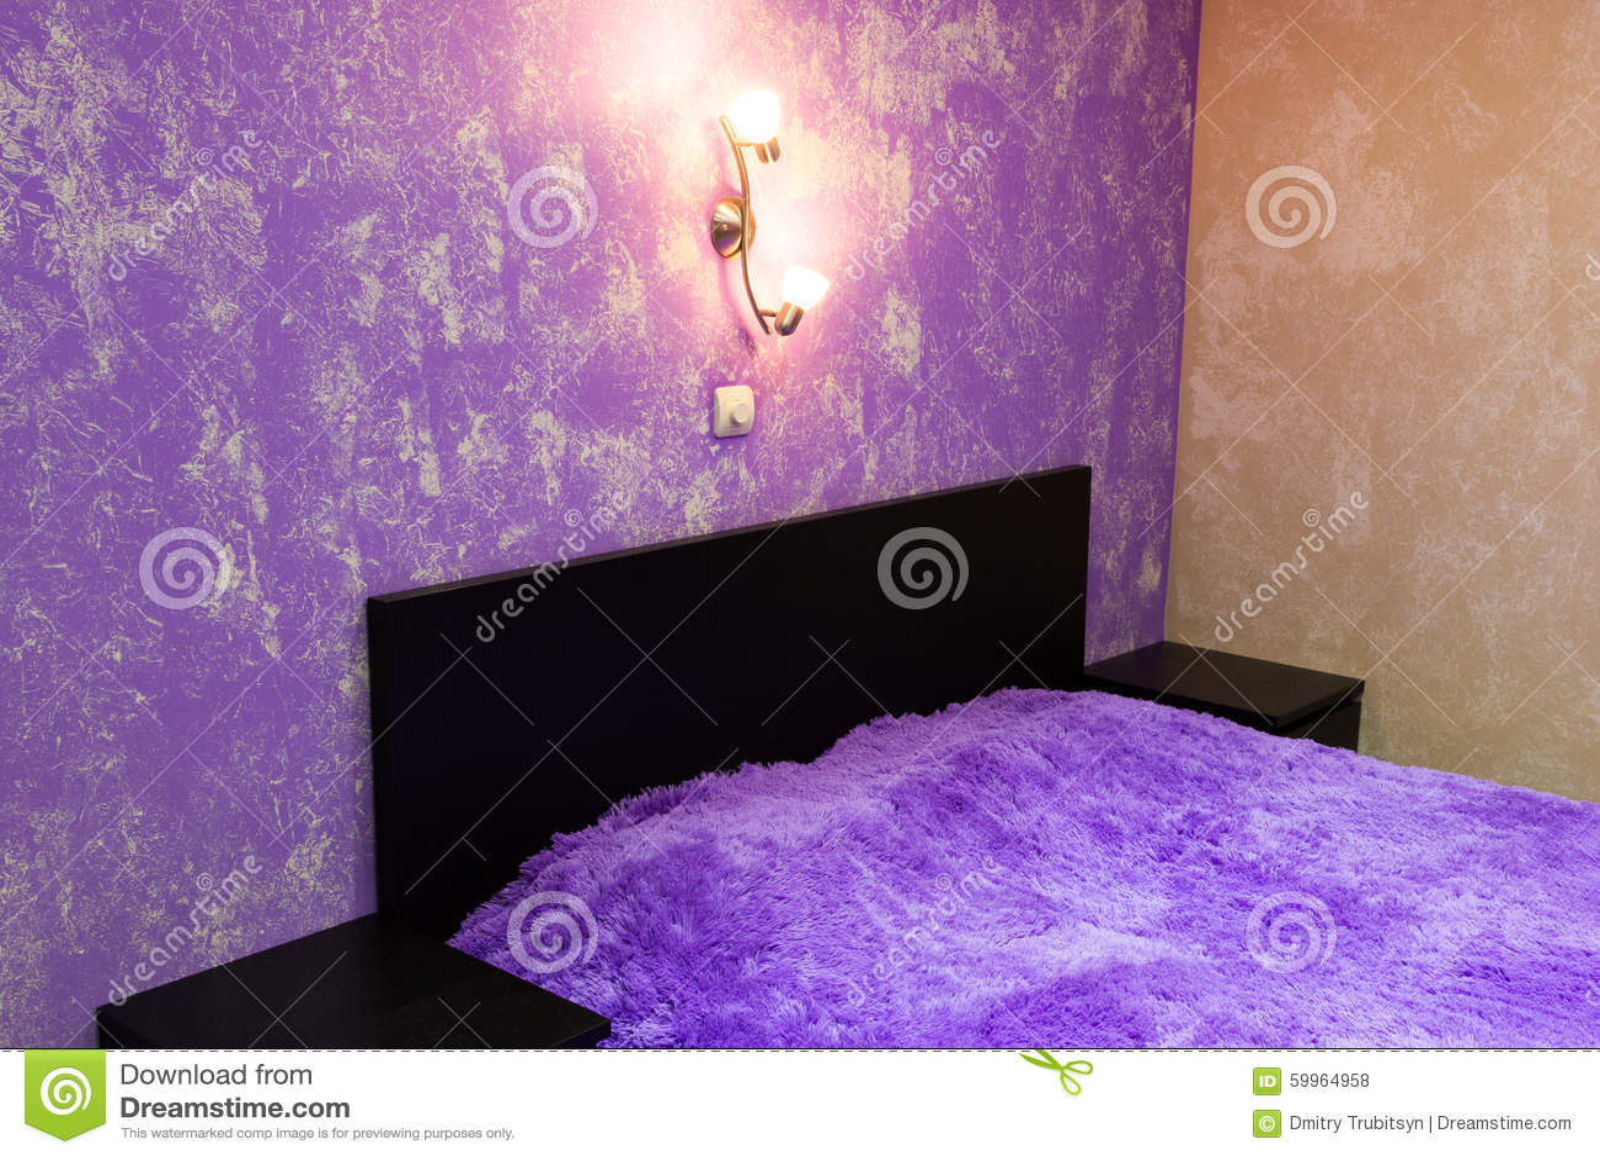 Bett Im Schlafzimmer In Den Schatten Der Flieder Stockfoto - Bild ...